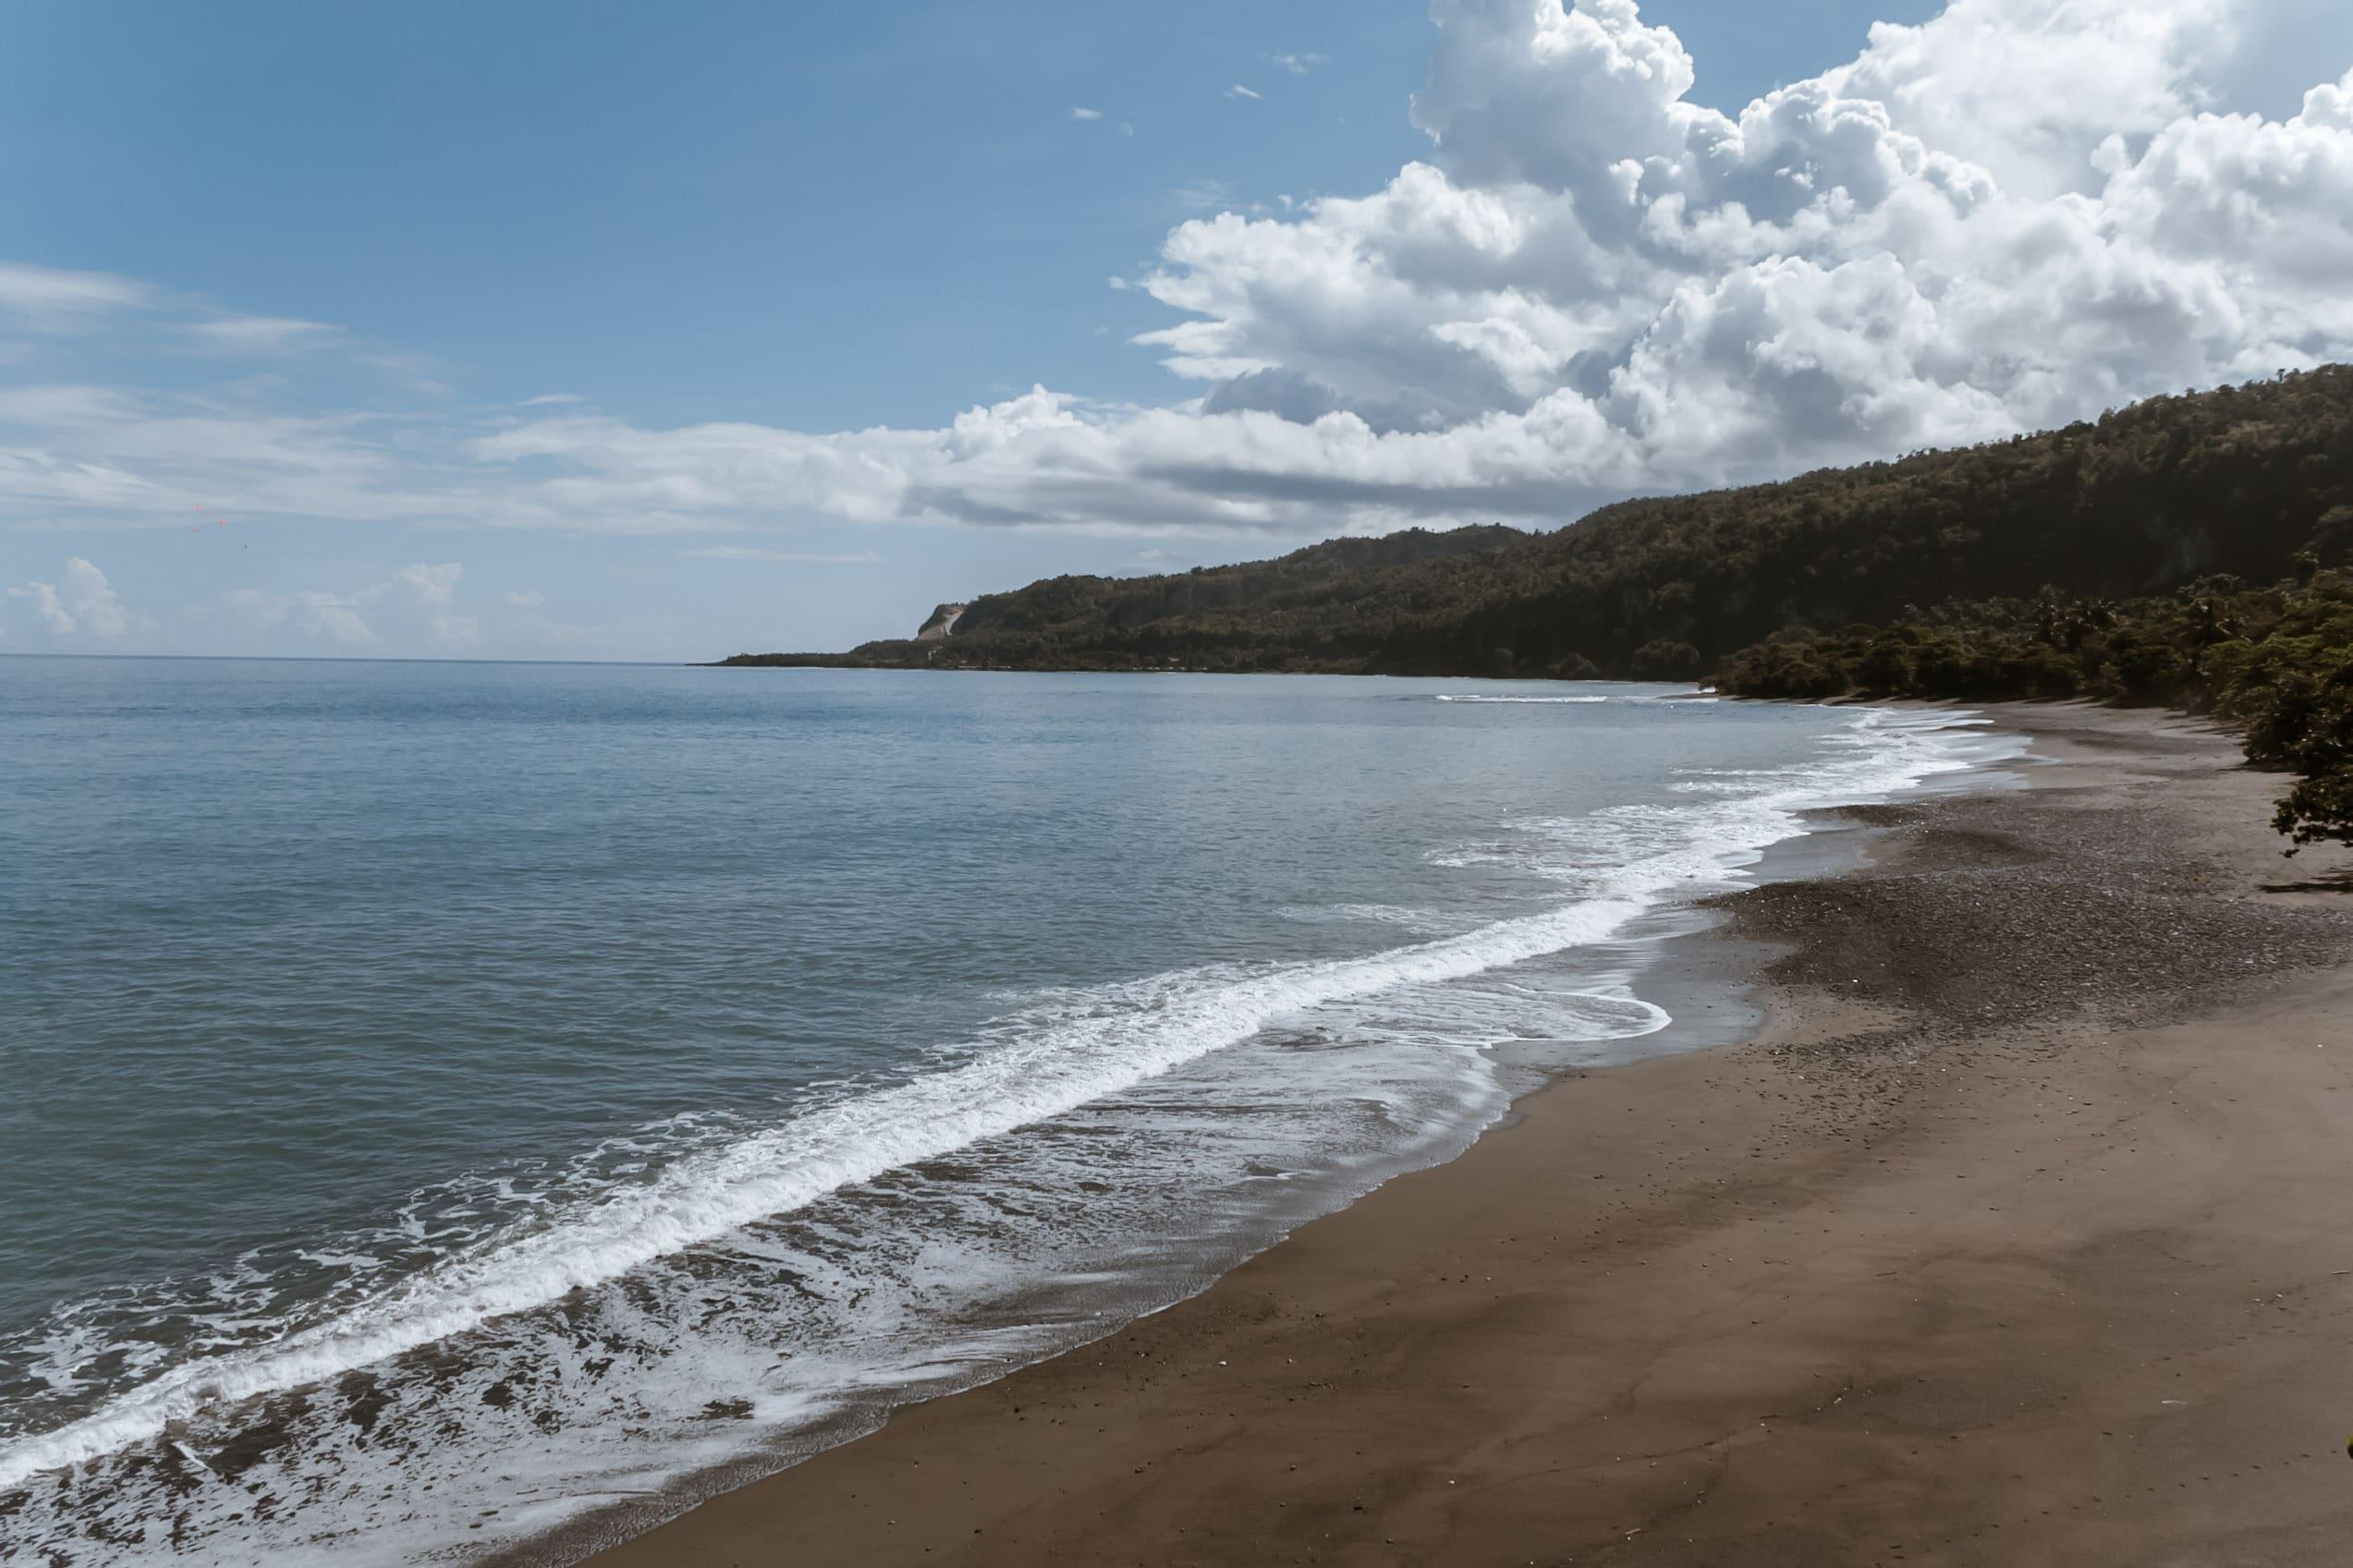 Die Strände in Baracoa haben dunkleren Sand